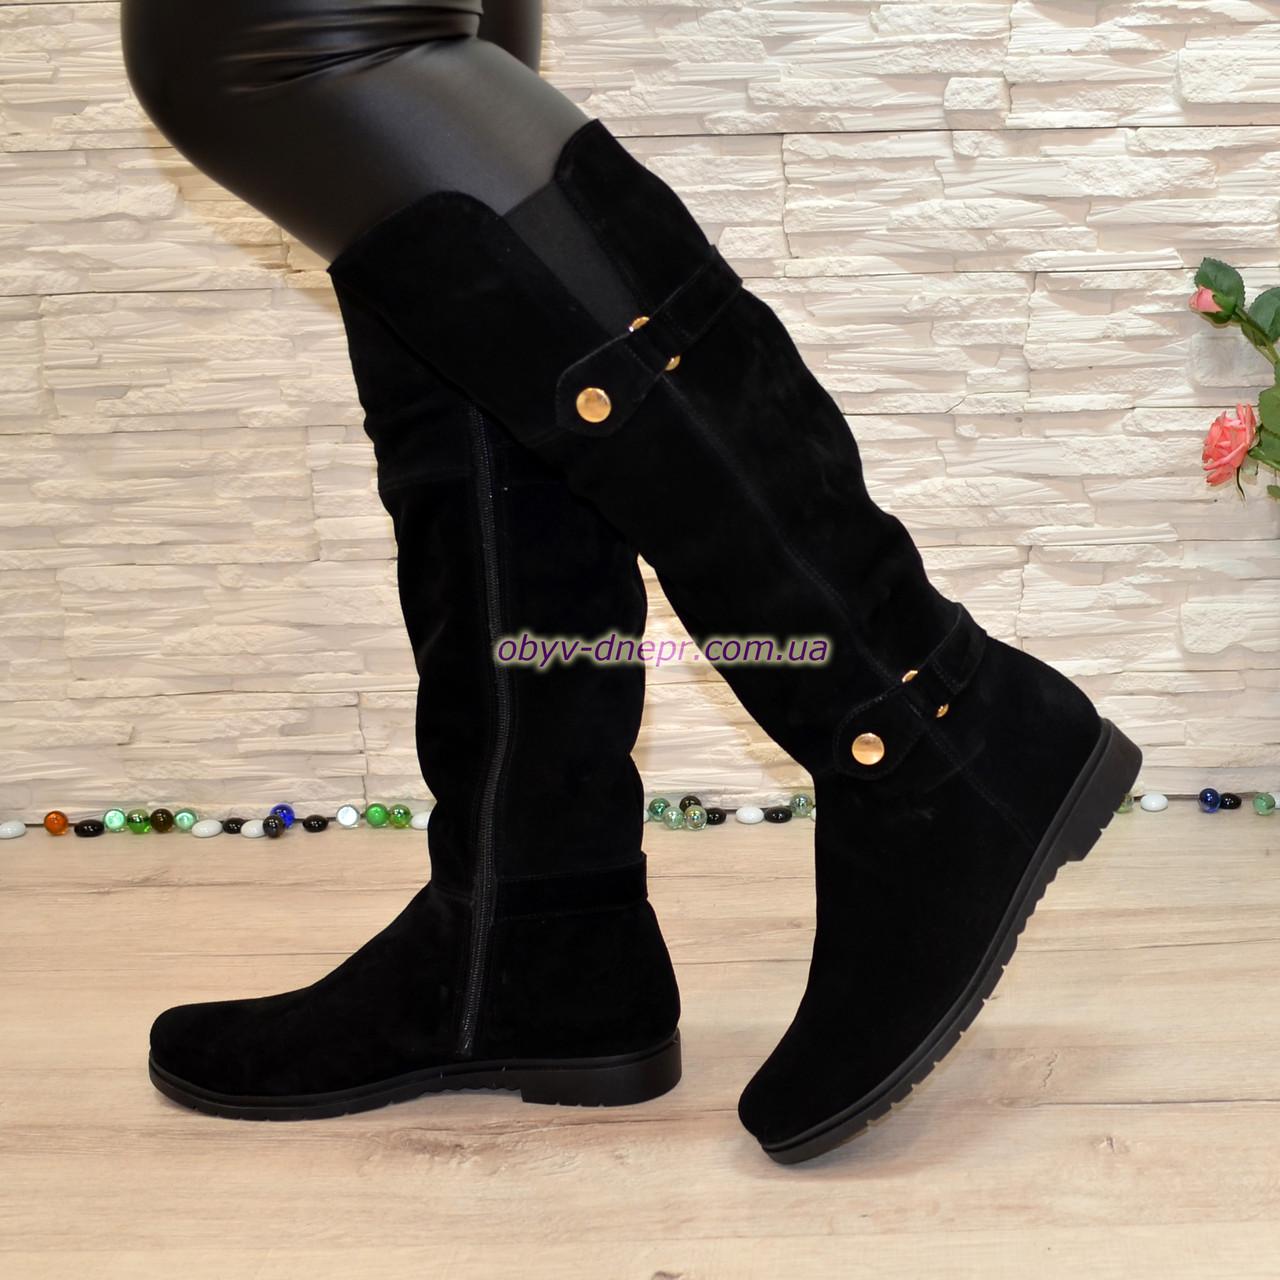 Замшевые   черные женские сапоги на низком ходу.